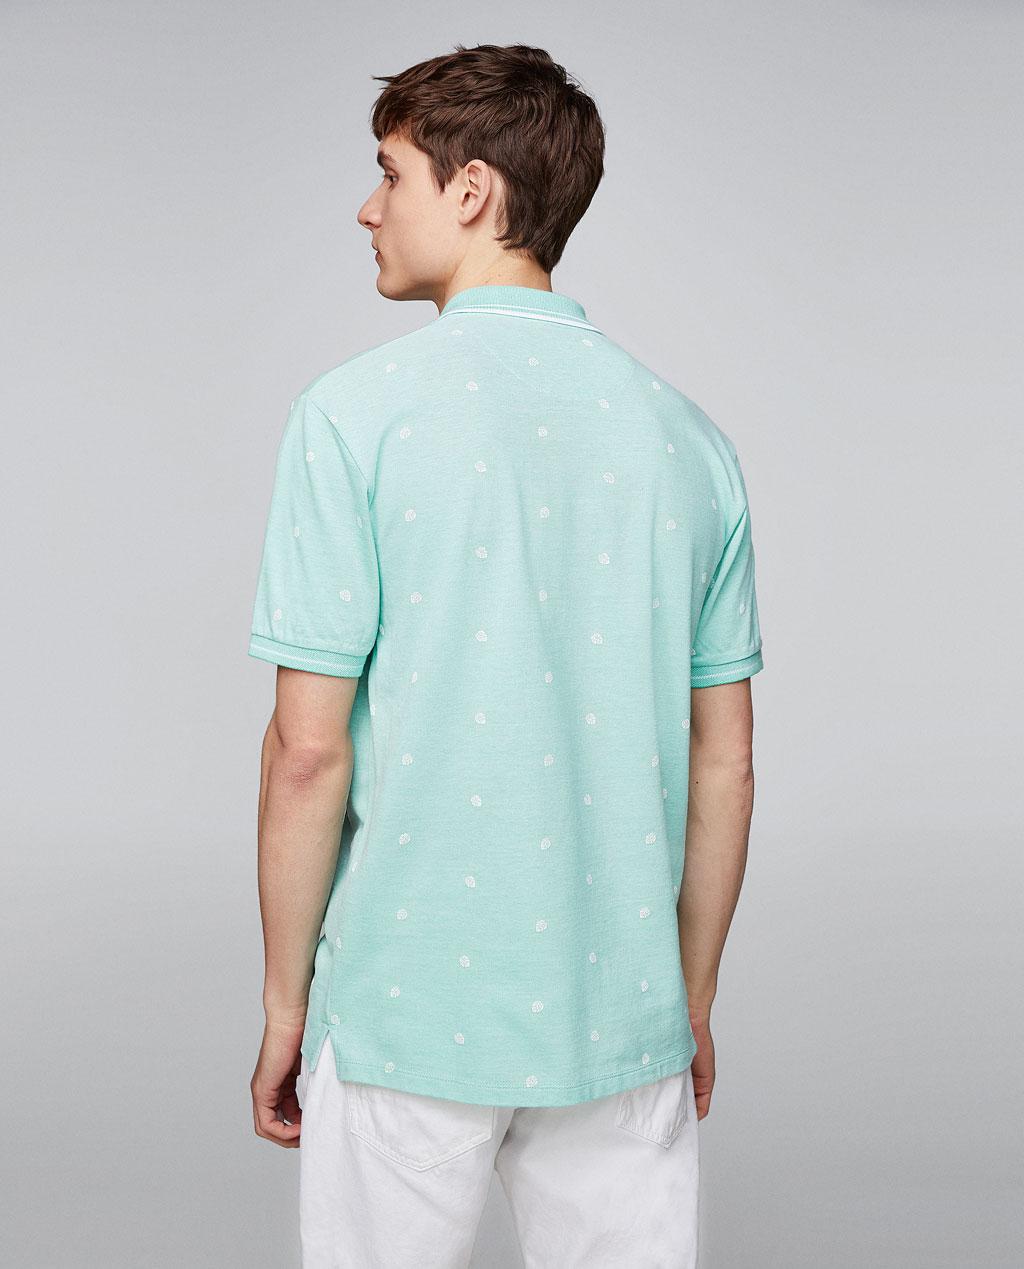 Thời trang nam Zara  24052 - ảnh 5